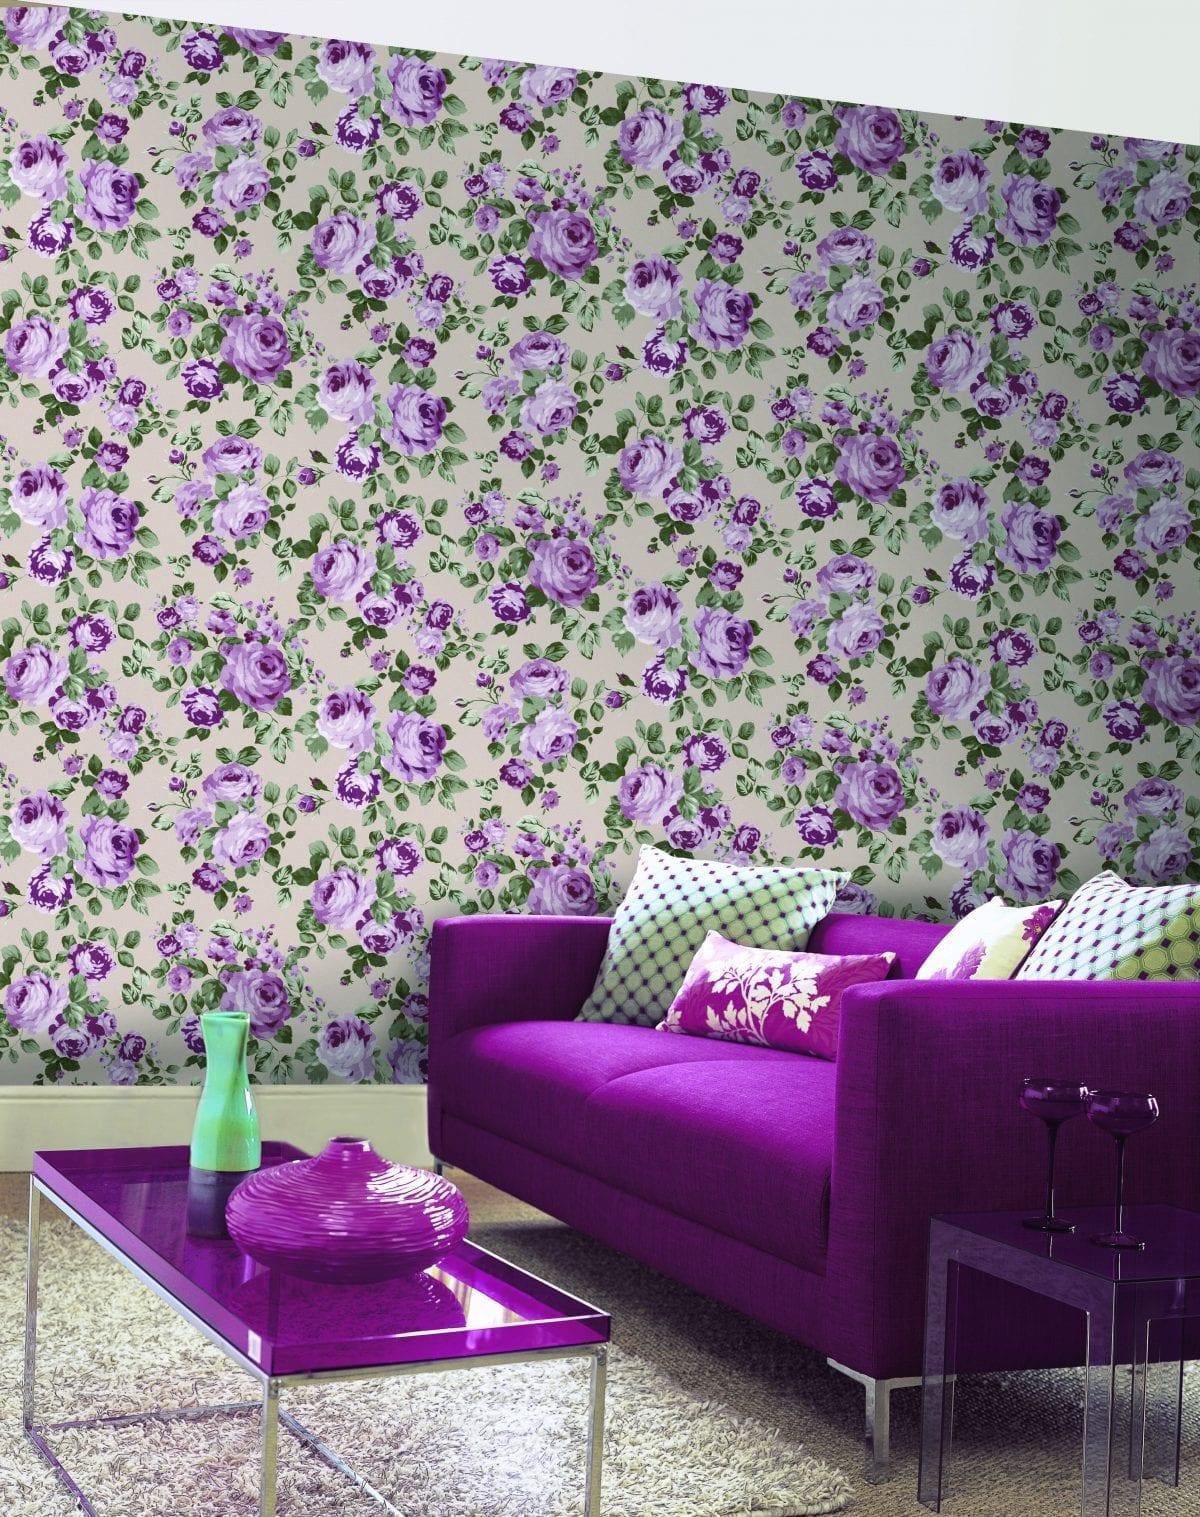 Papel mural en oferta flores moradas URBAN 4703-2 Muresco